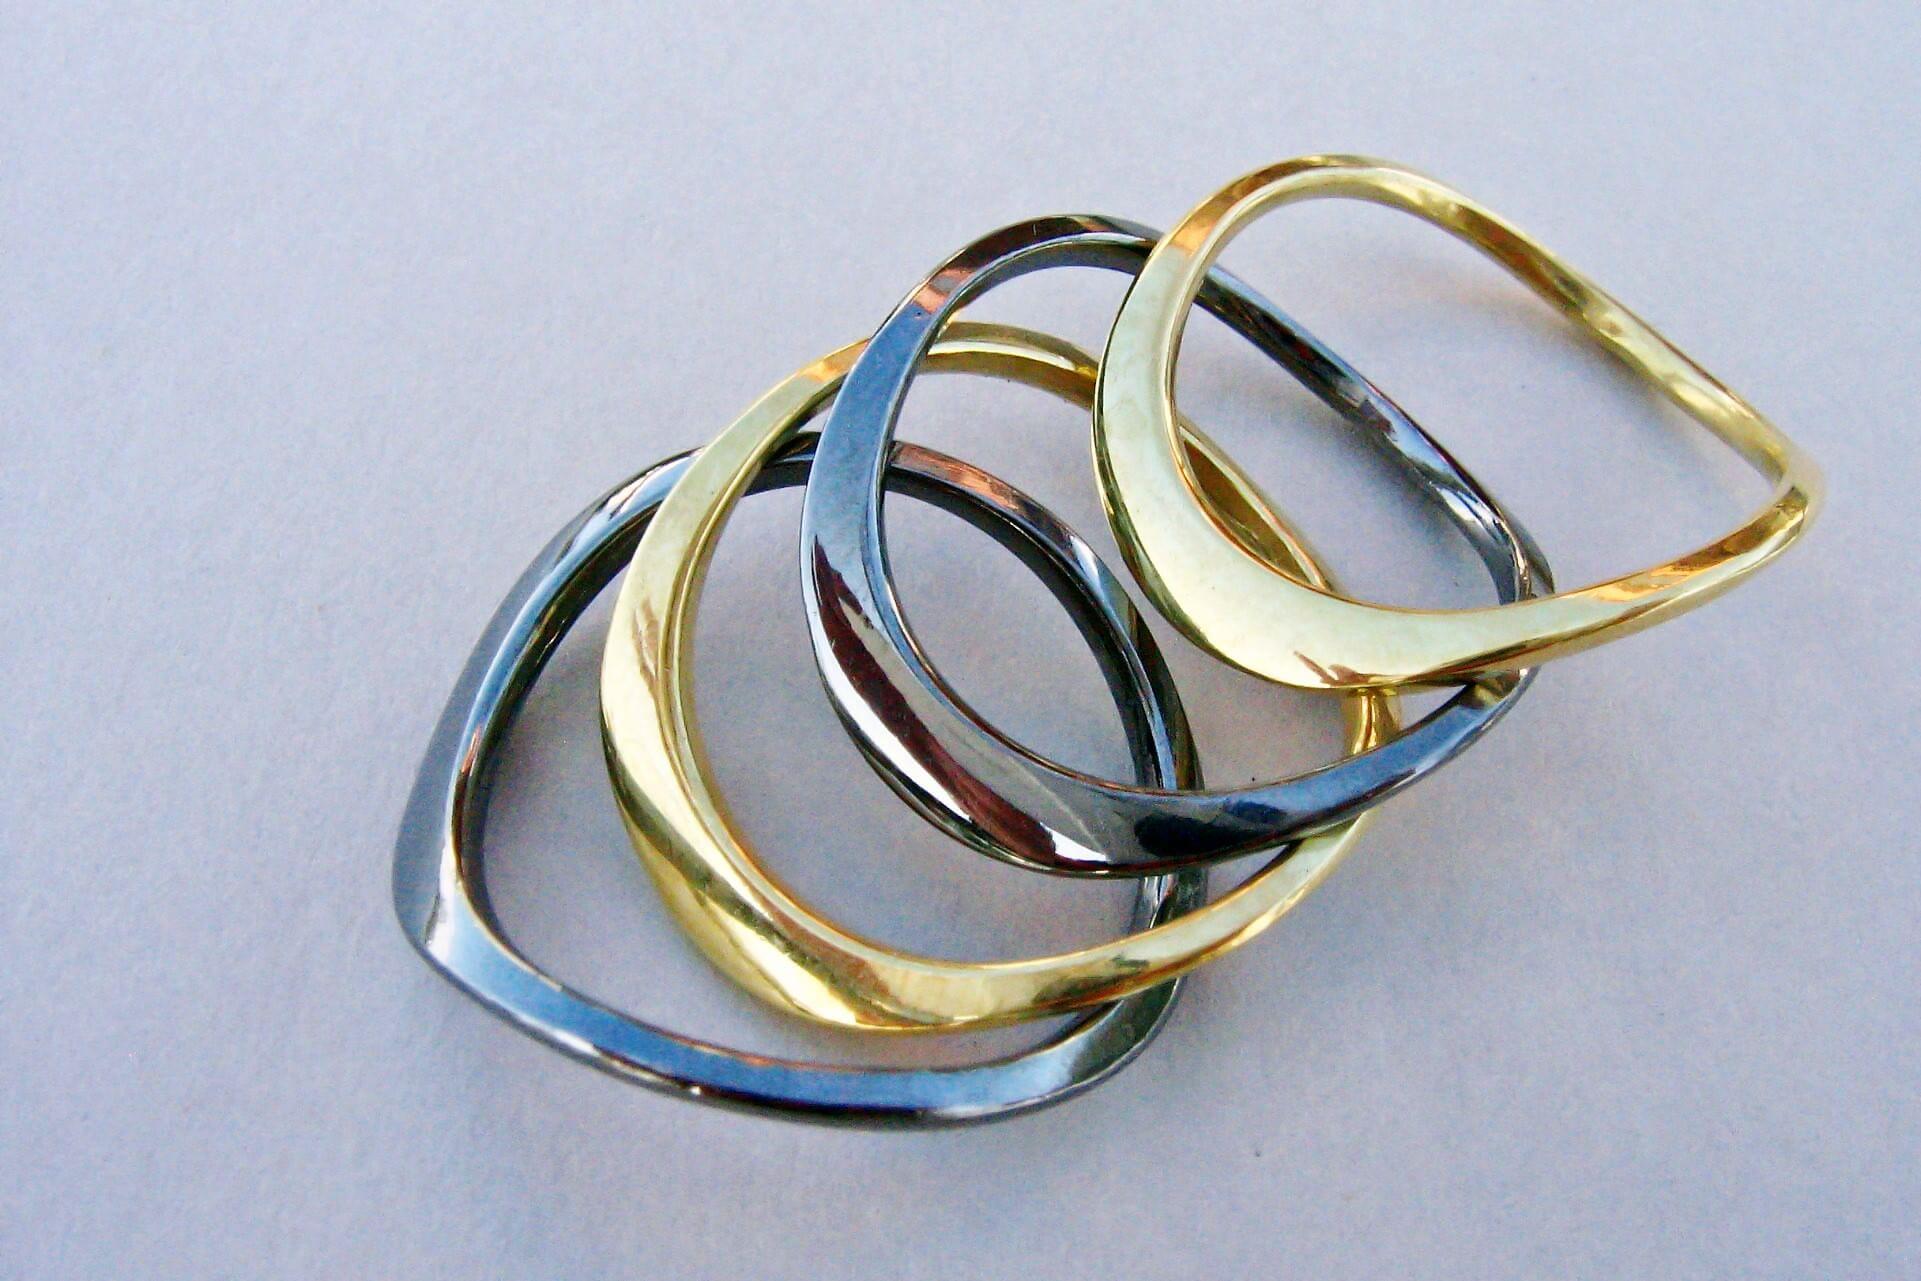 Obrączki - srebro pozłacane i srebro rutenowane, czarno - złote